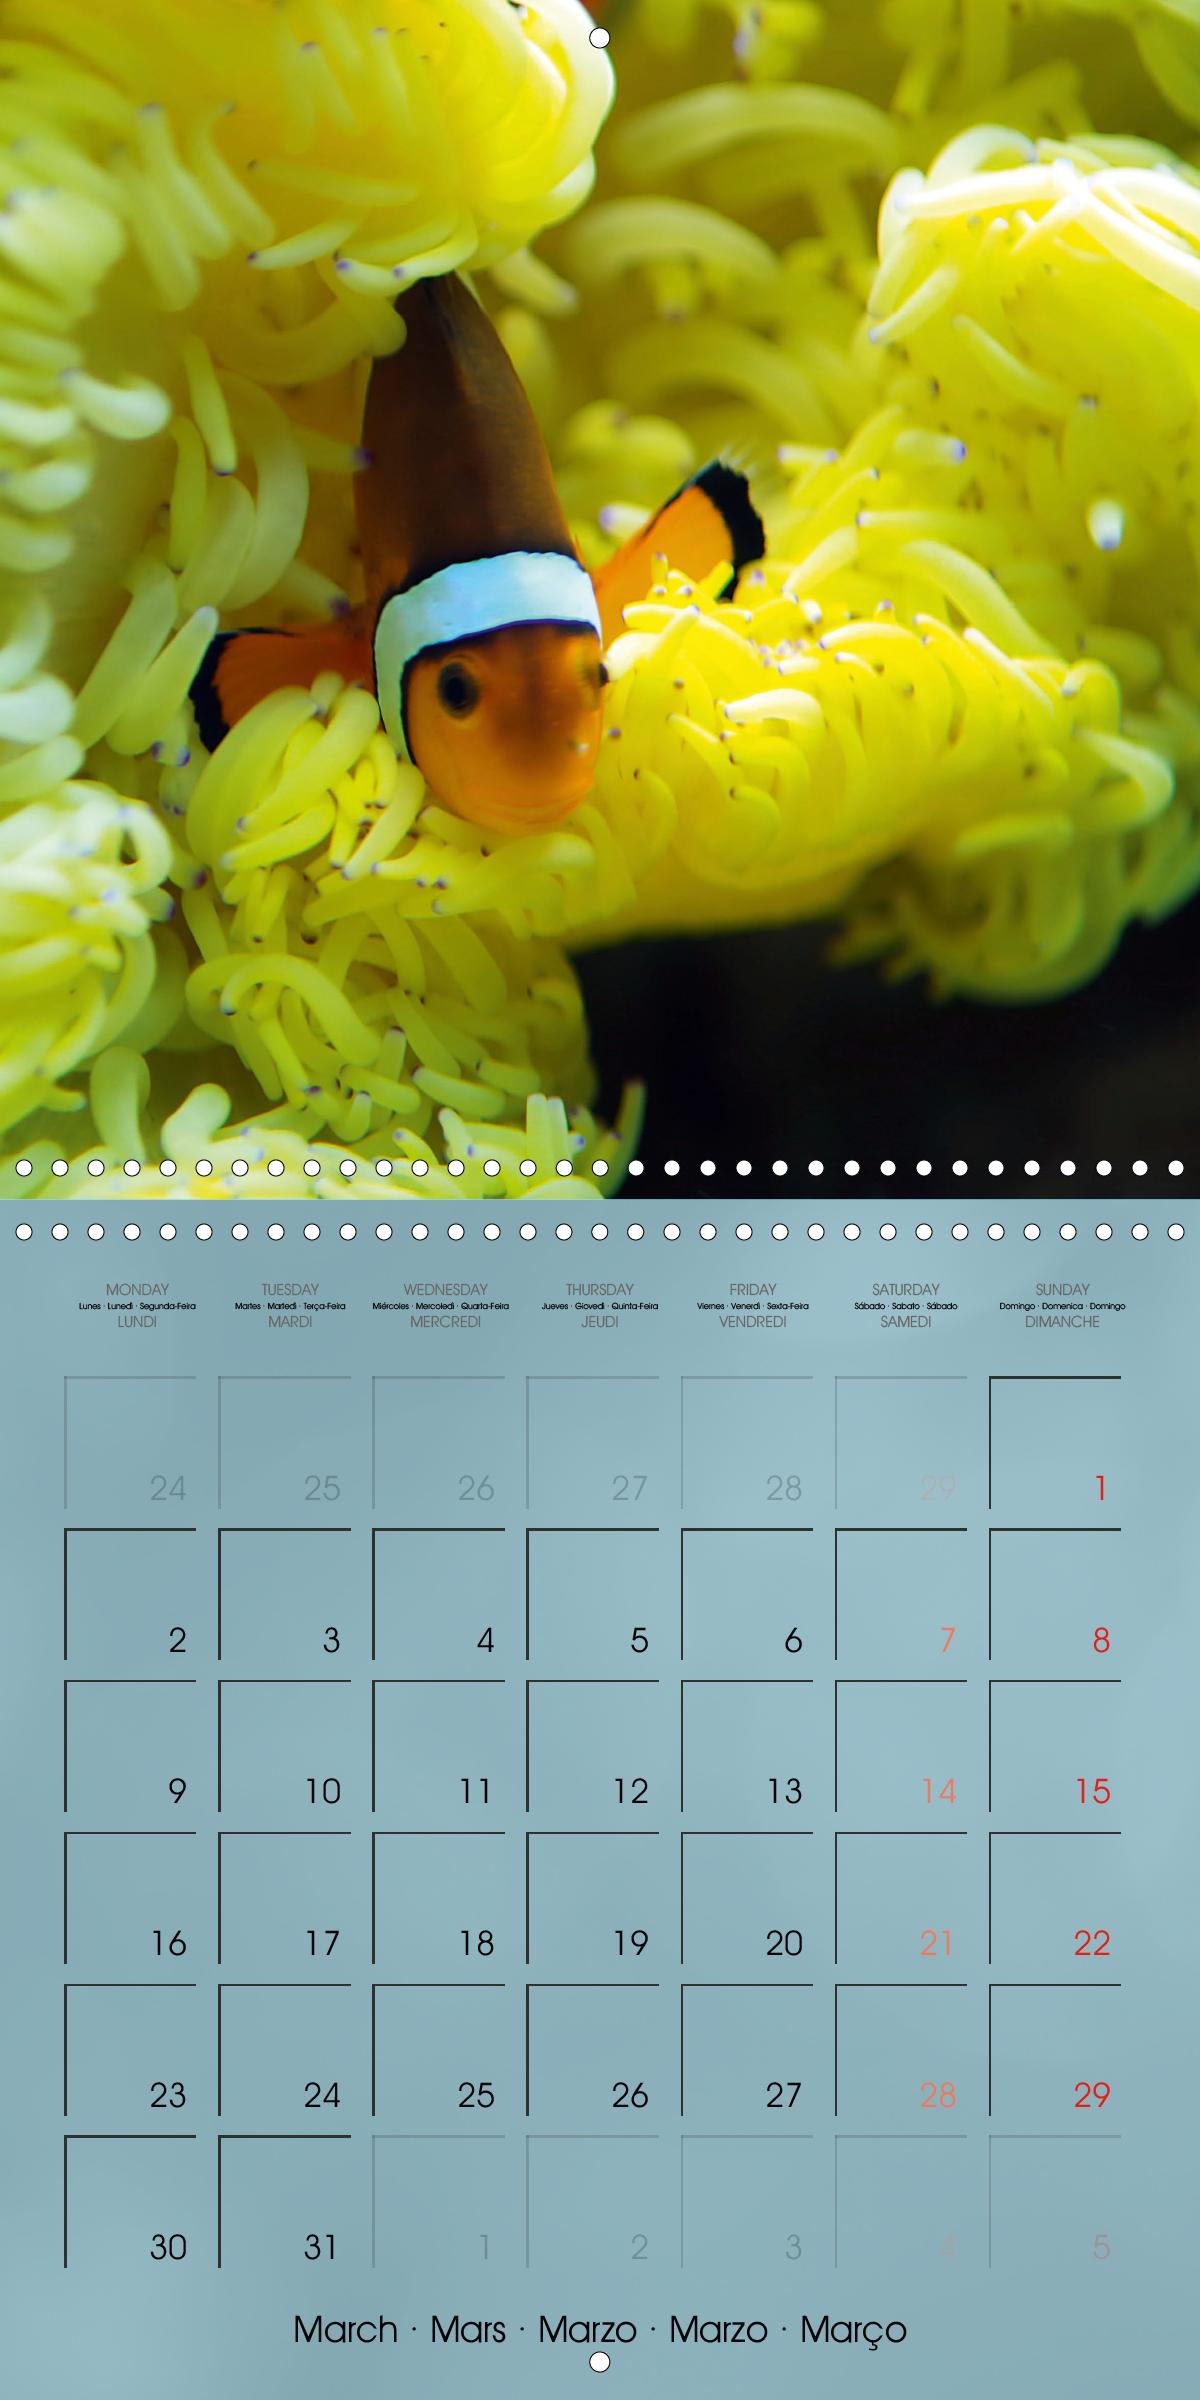 Colorful Reef Inhabitants - Fishes, Anemones and more - zum Schließen ins Bild klicken